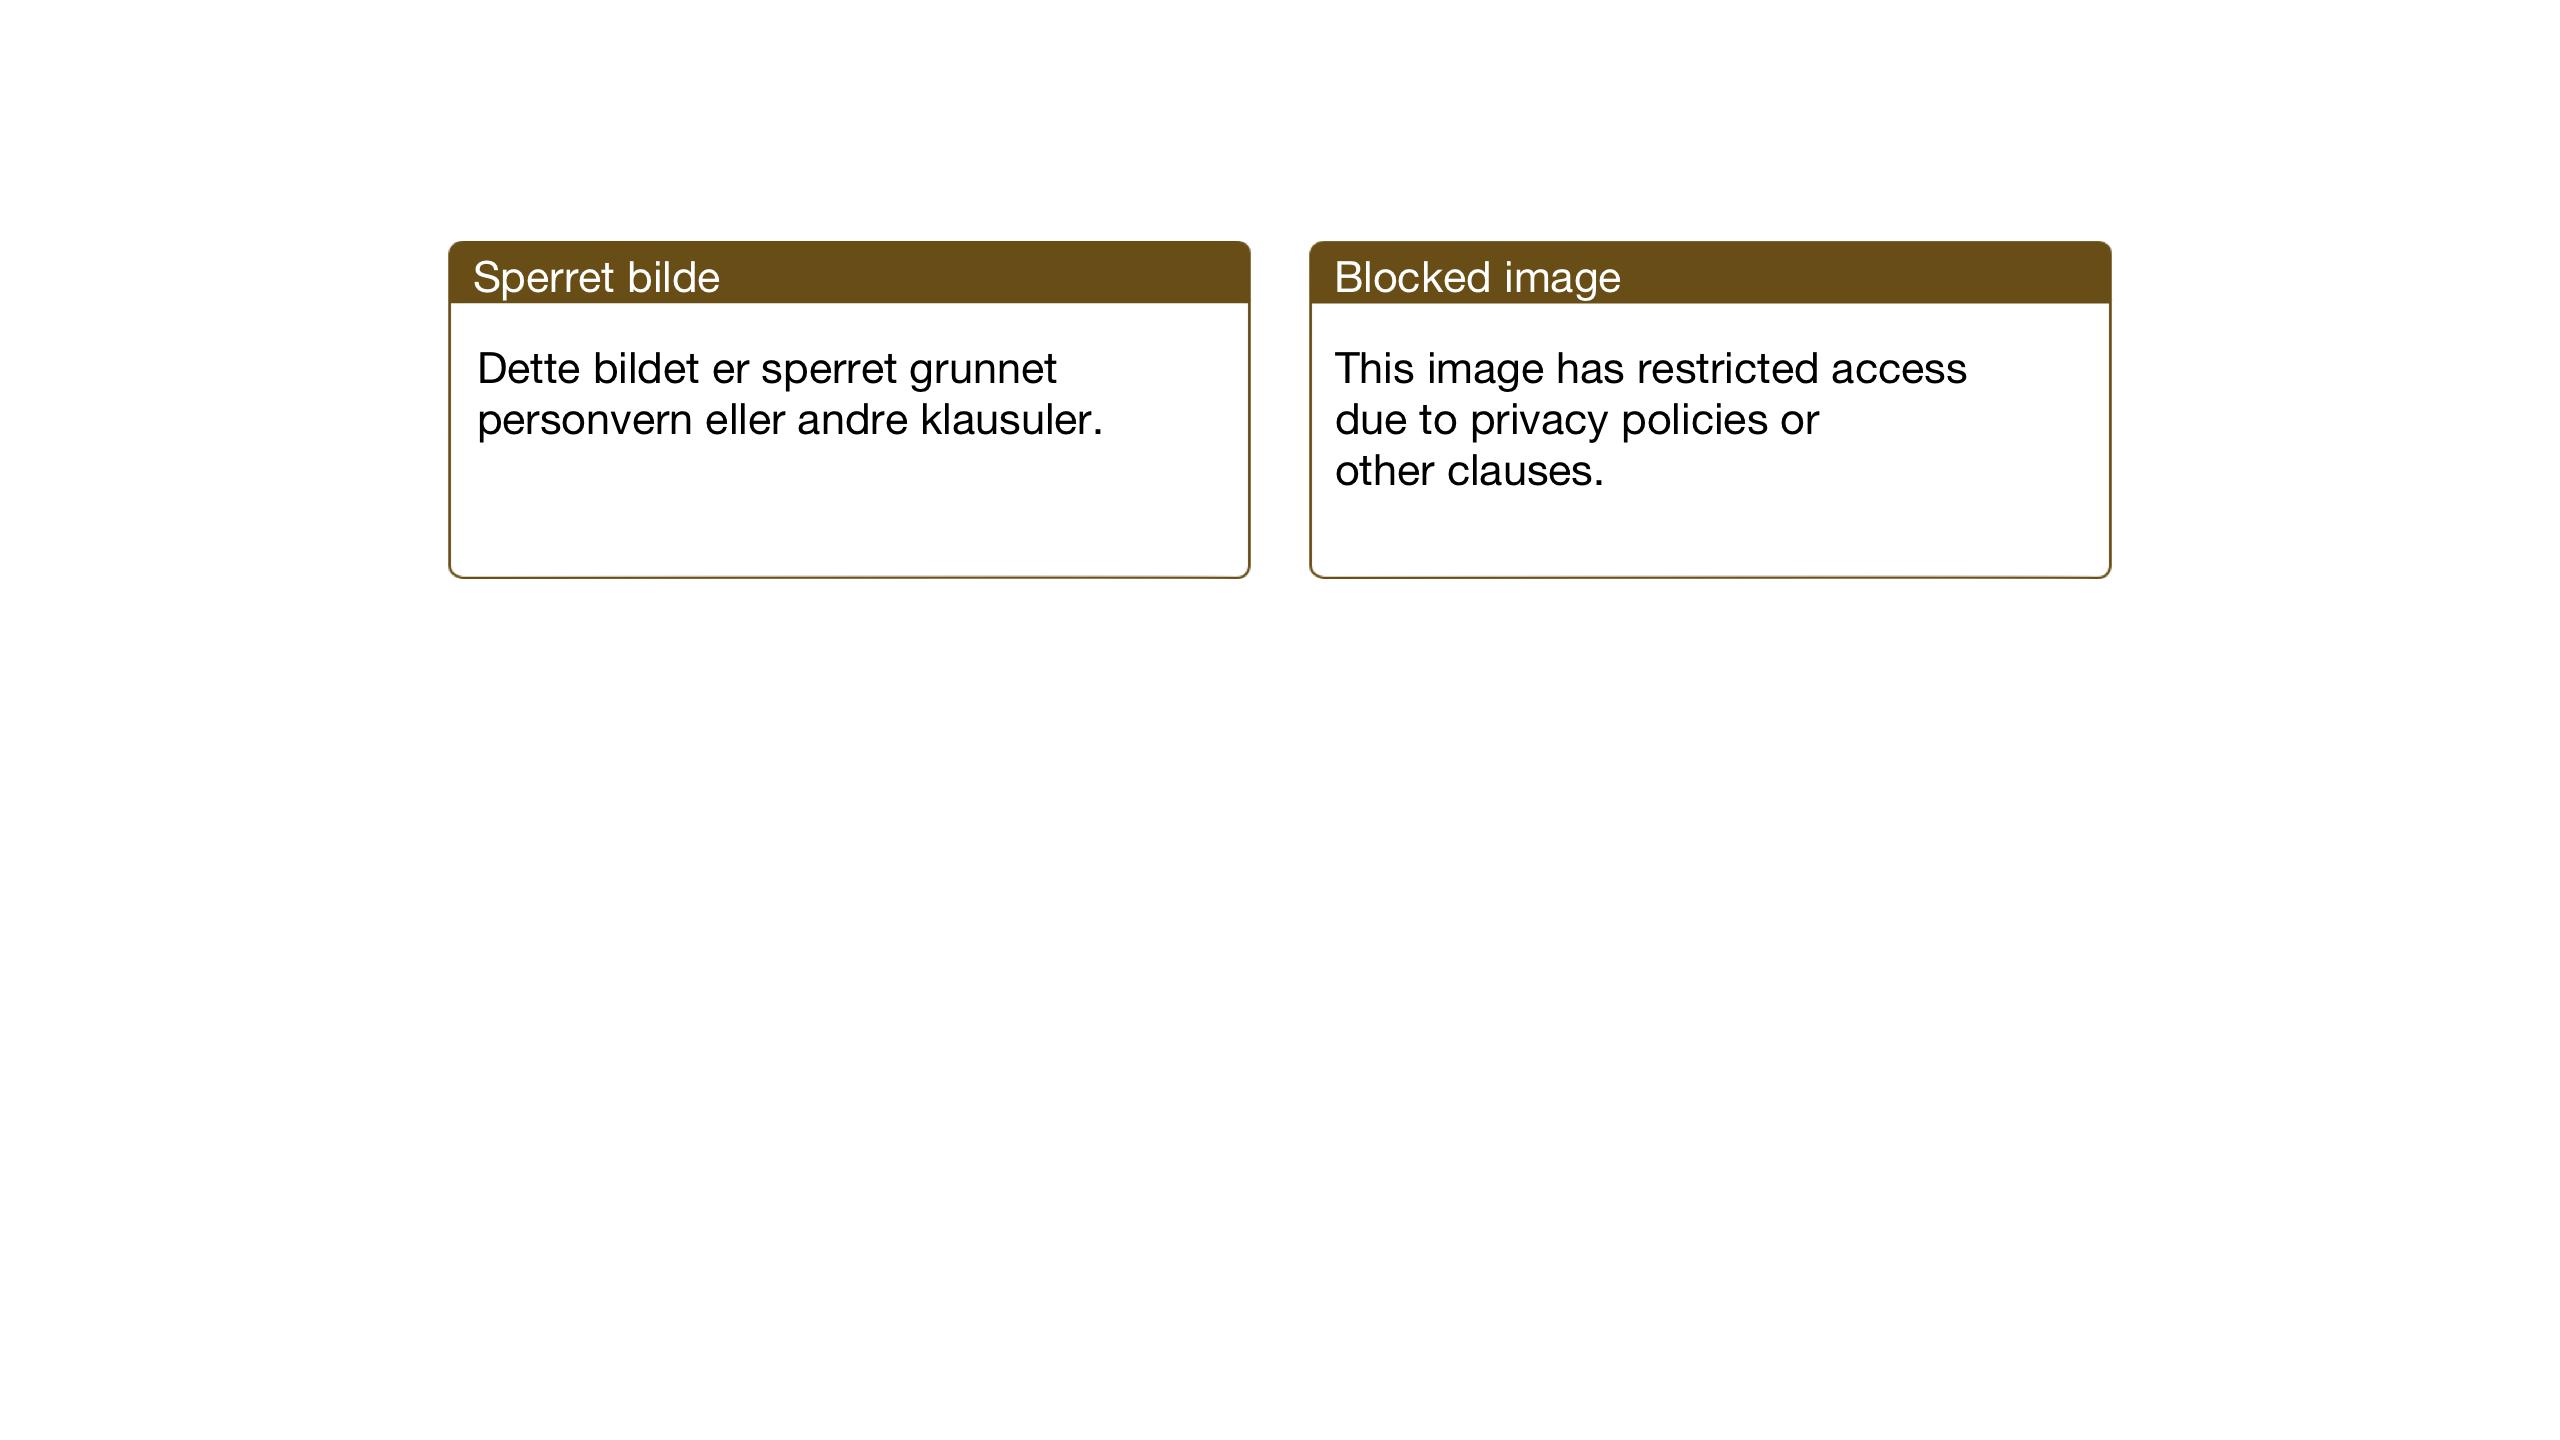 SAT, Ministerialprotokoller, klokkerbøker og fødselsregistre - Nord-Trøndelag, 770/L0592: Klokkerbok nr. 770C03, 1941-1950, s. 152